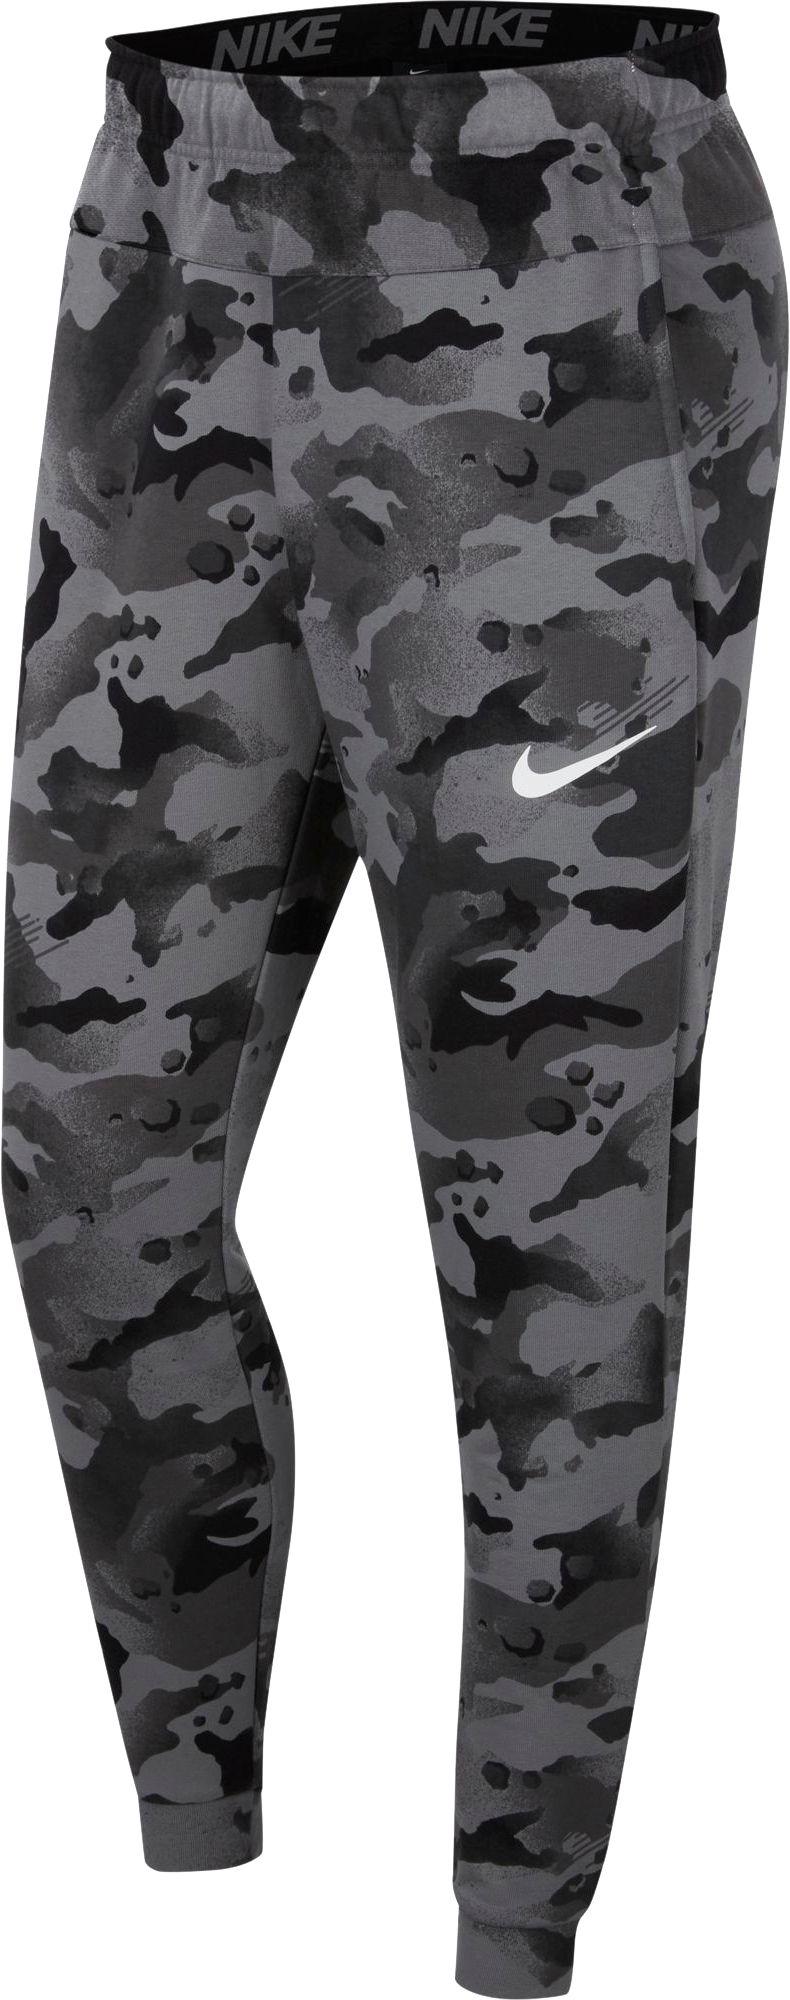 Nike Men's Dri-FIT Camo Training Pants, Small, Black